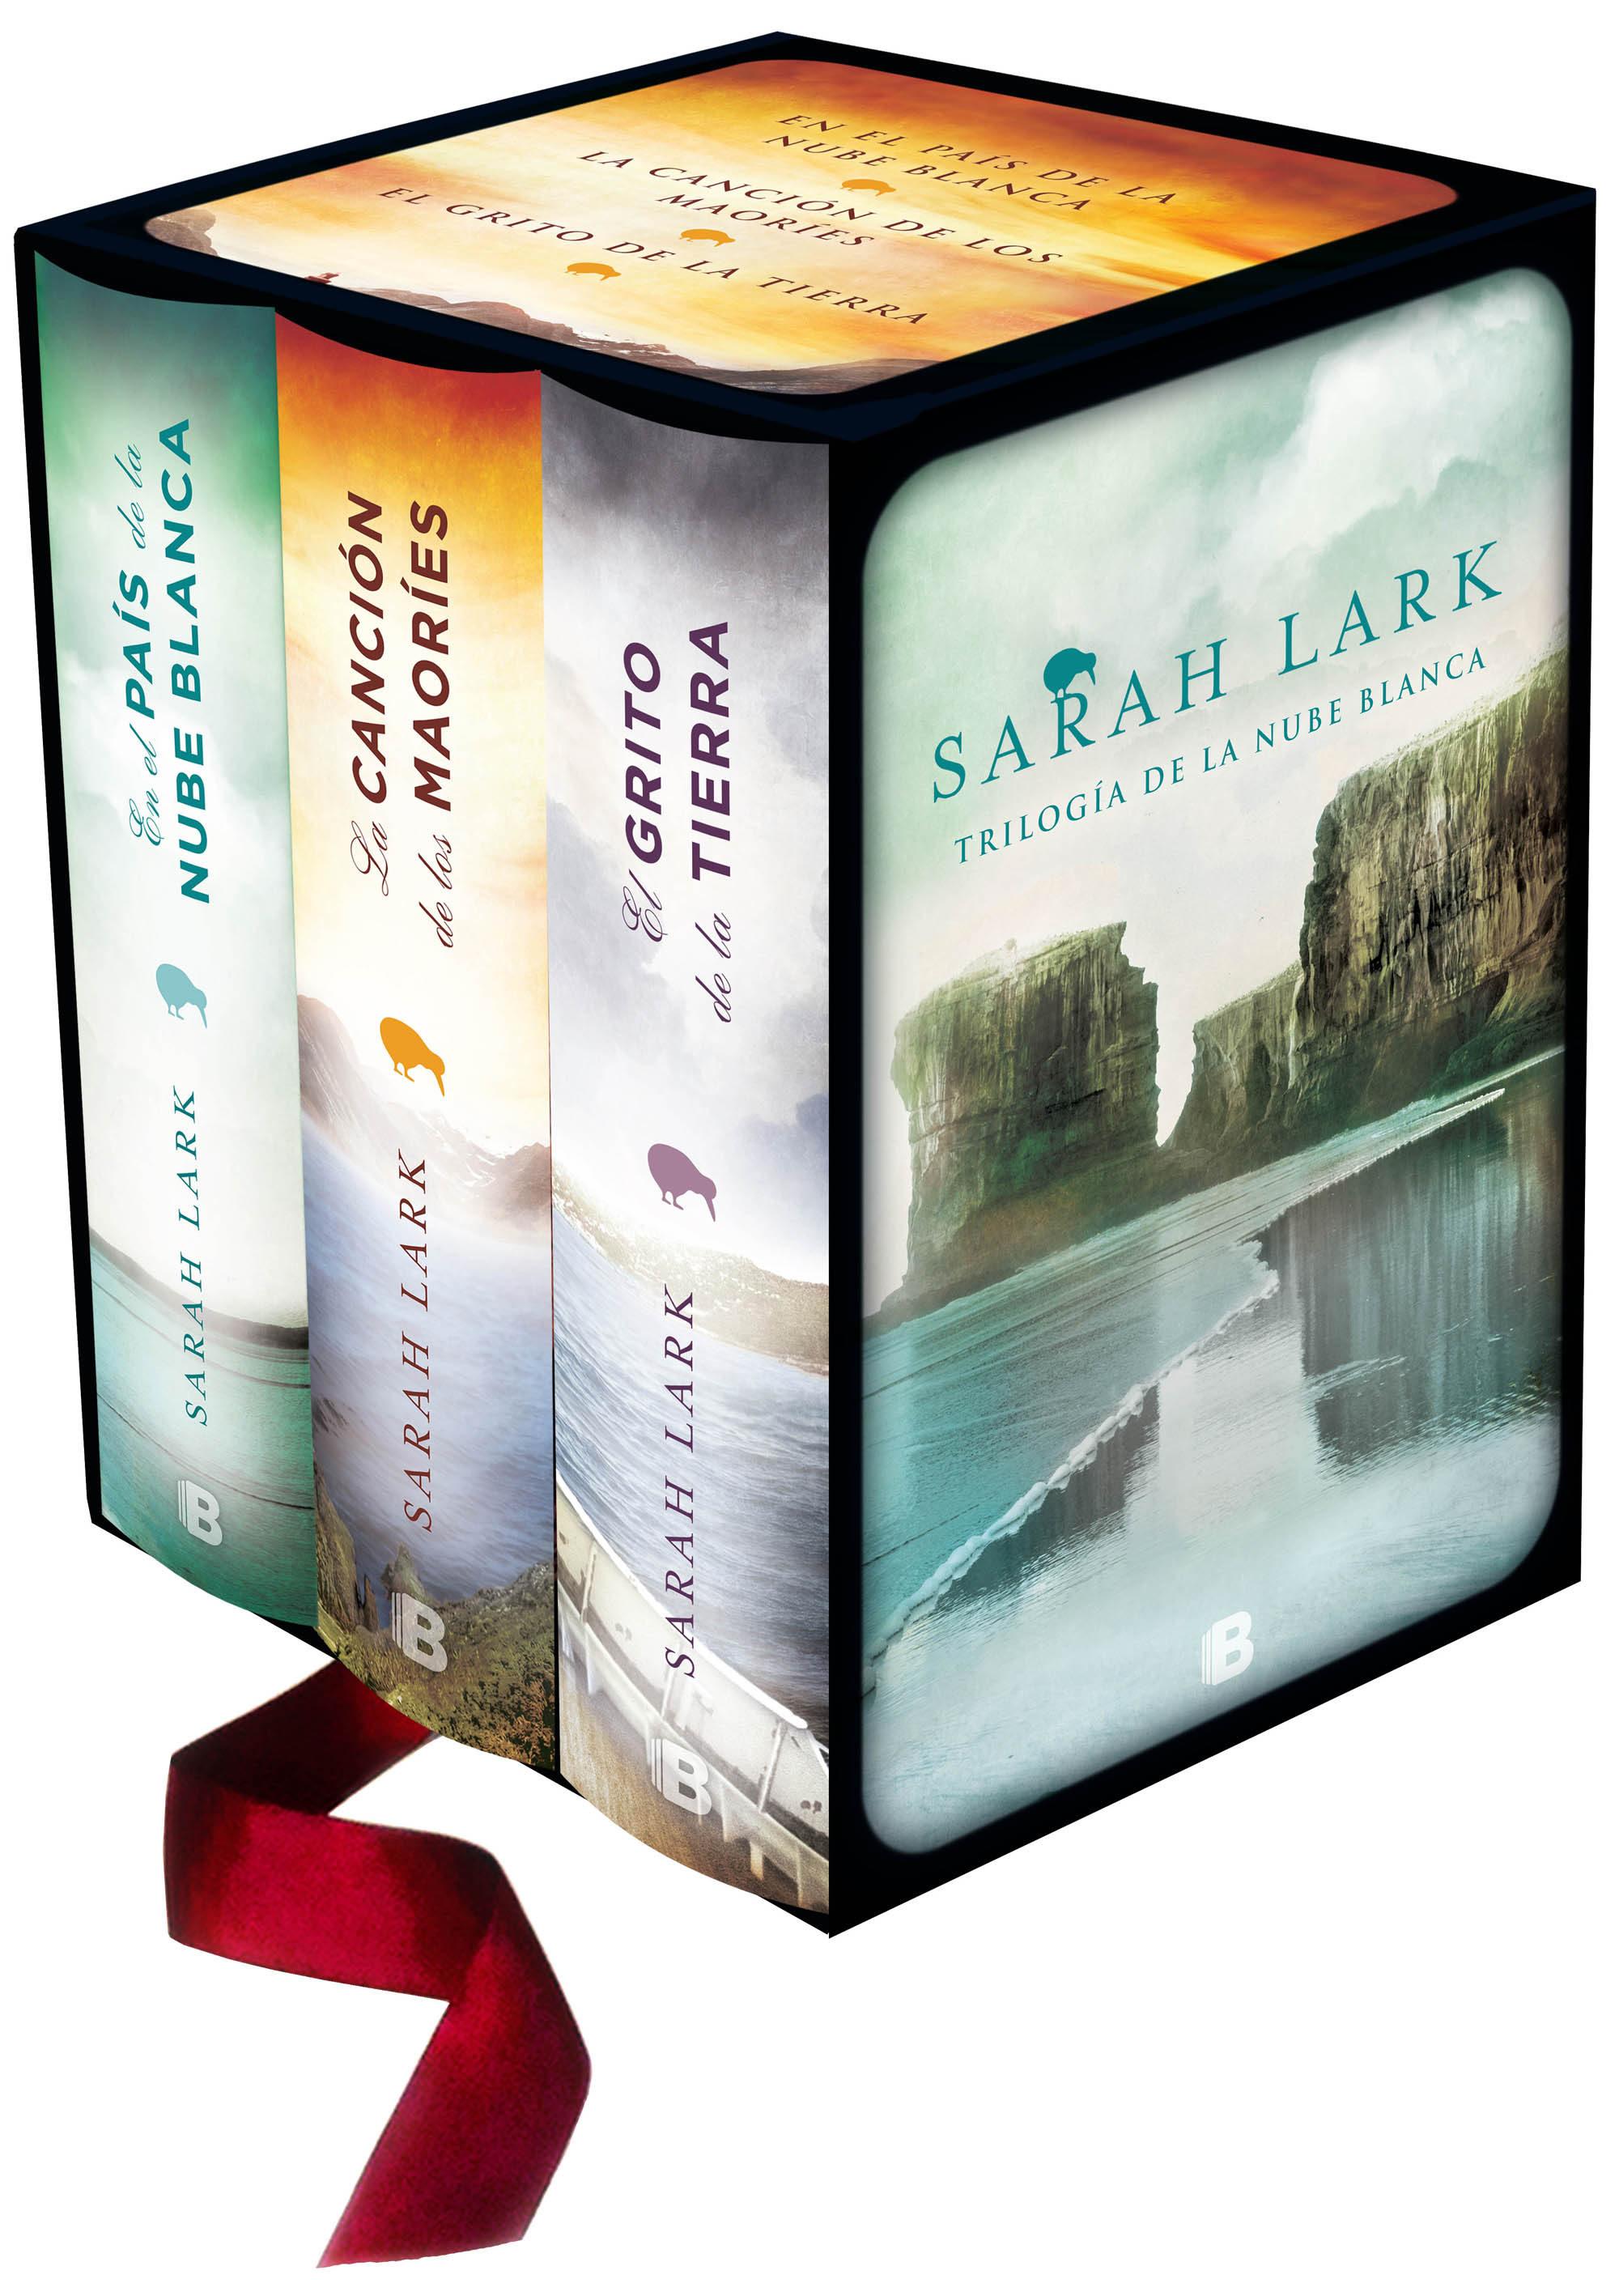 Trilogía de la Nube Blanca (Incluye en el País de la Nube Blanca, la Canción de los Maoríes y el Grito de la Tierra) (Grandes Novelas) - Sarah Lark - B